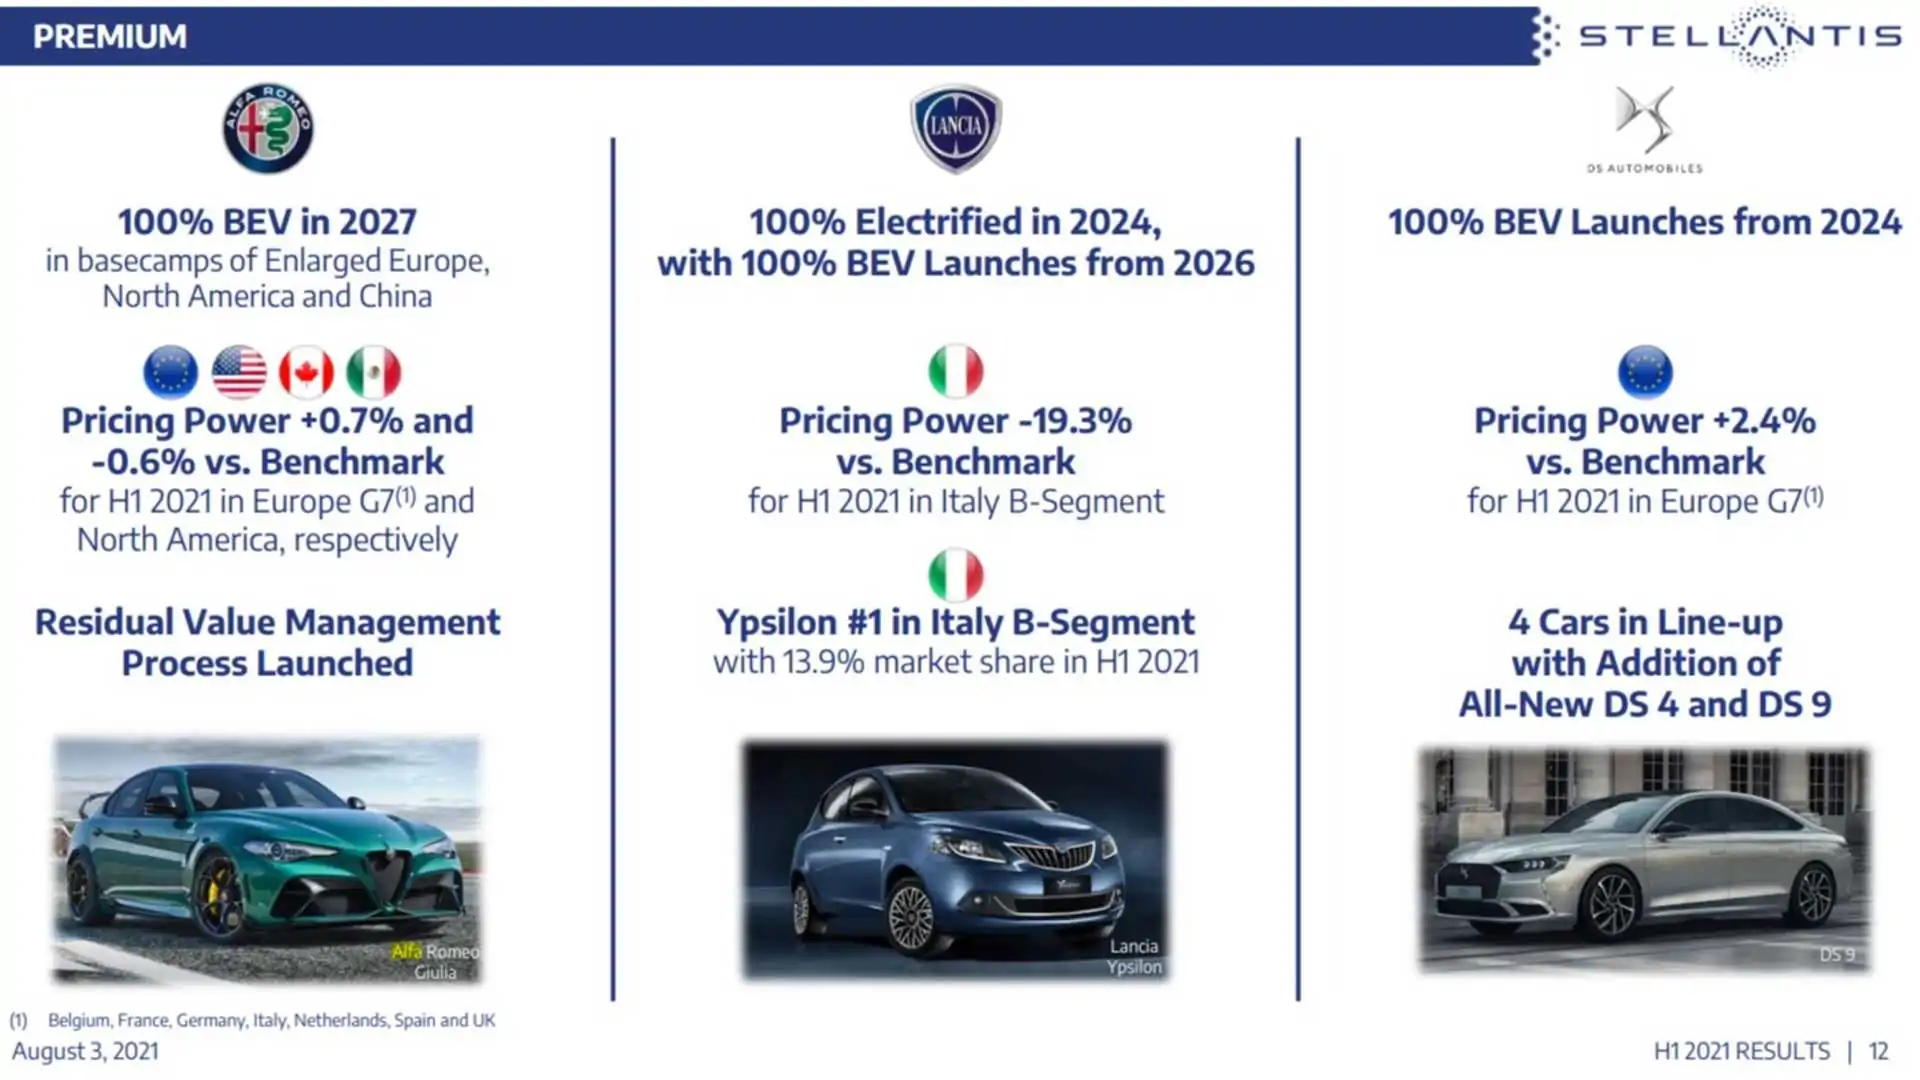 طرازات لانسيا وDS وألفا روميو ستكون كهربائية بحلول 2027